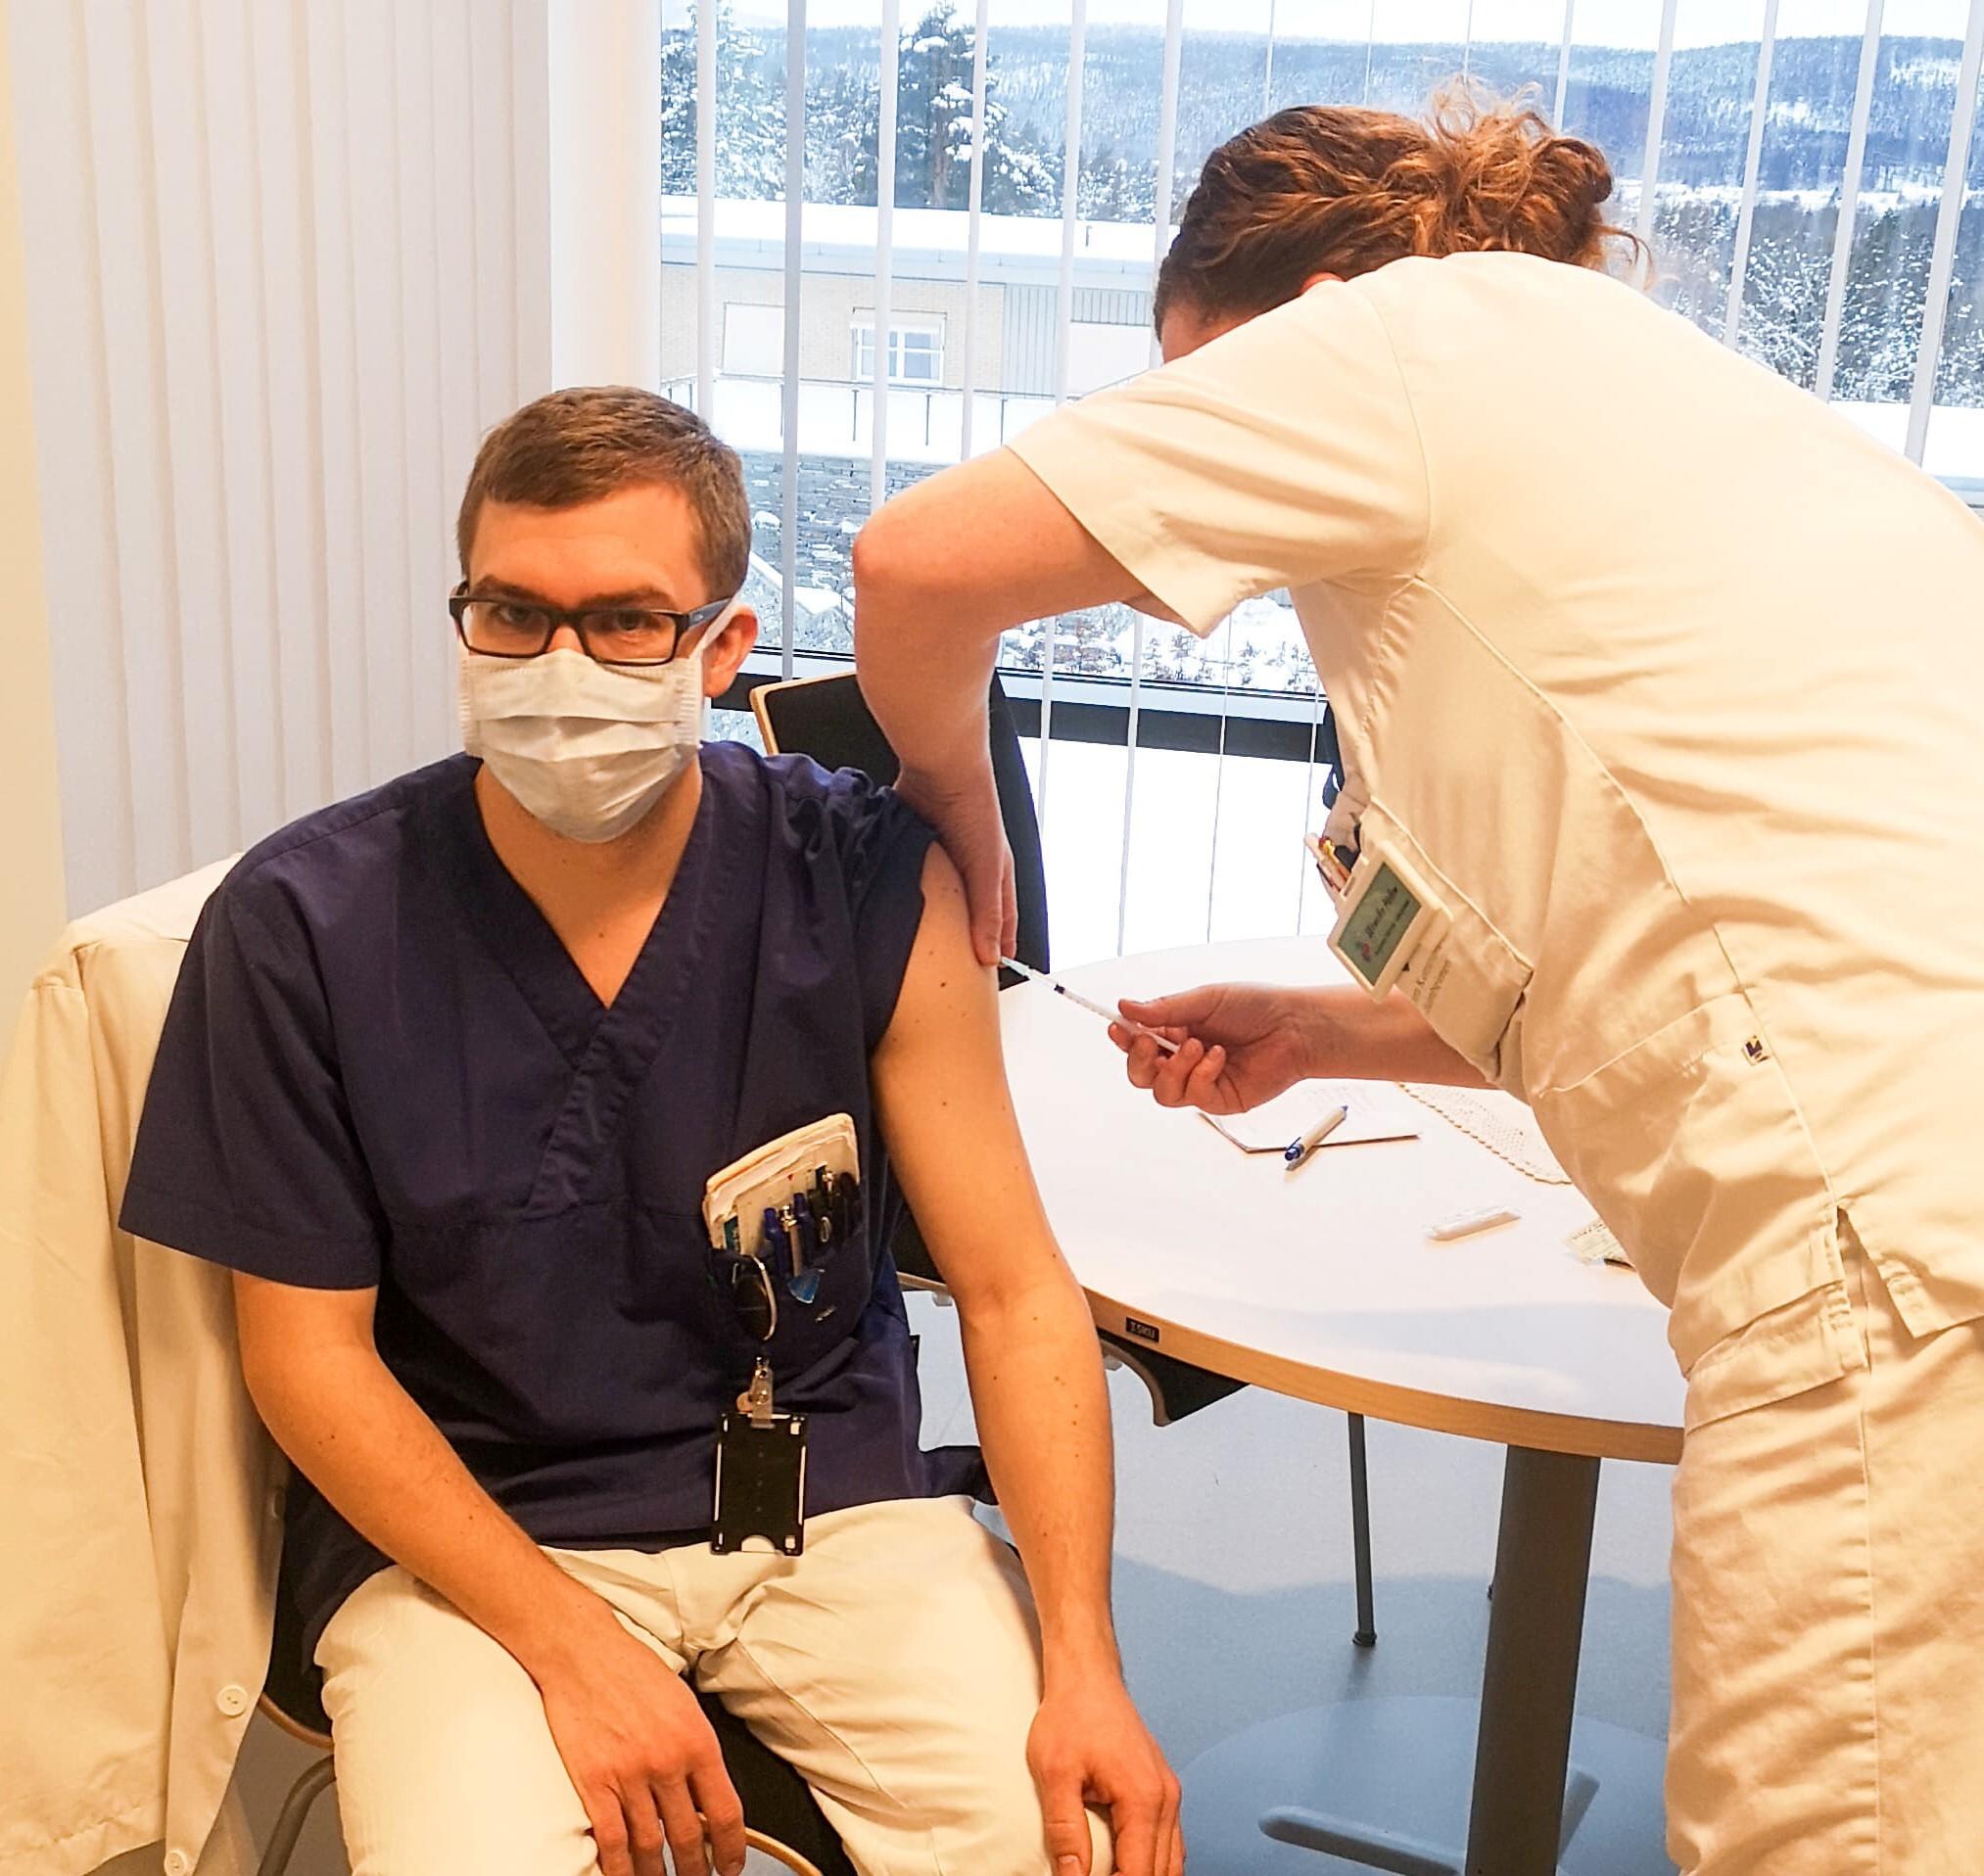 vaksine helsepersonell bredde.jpg